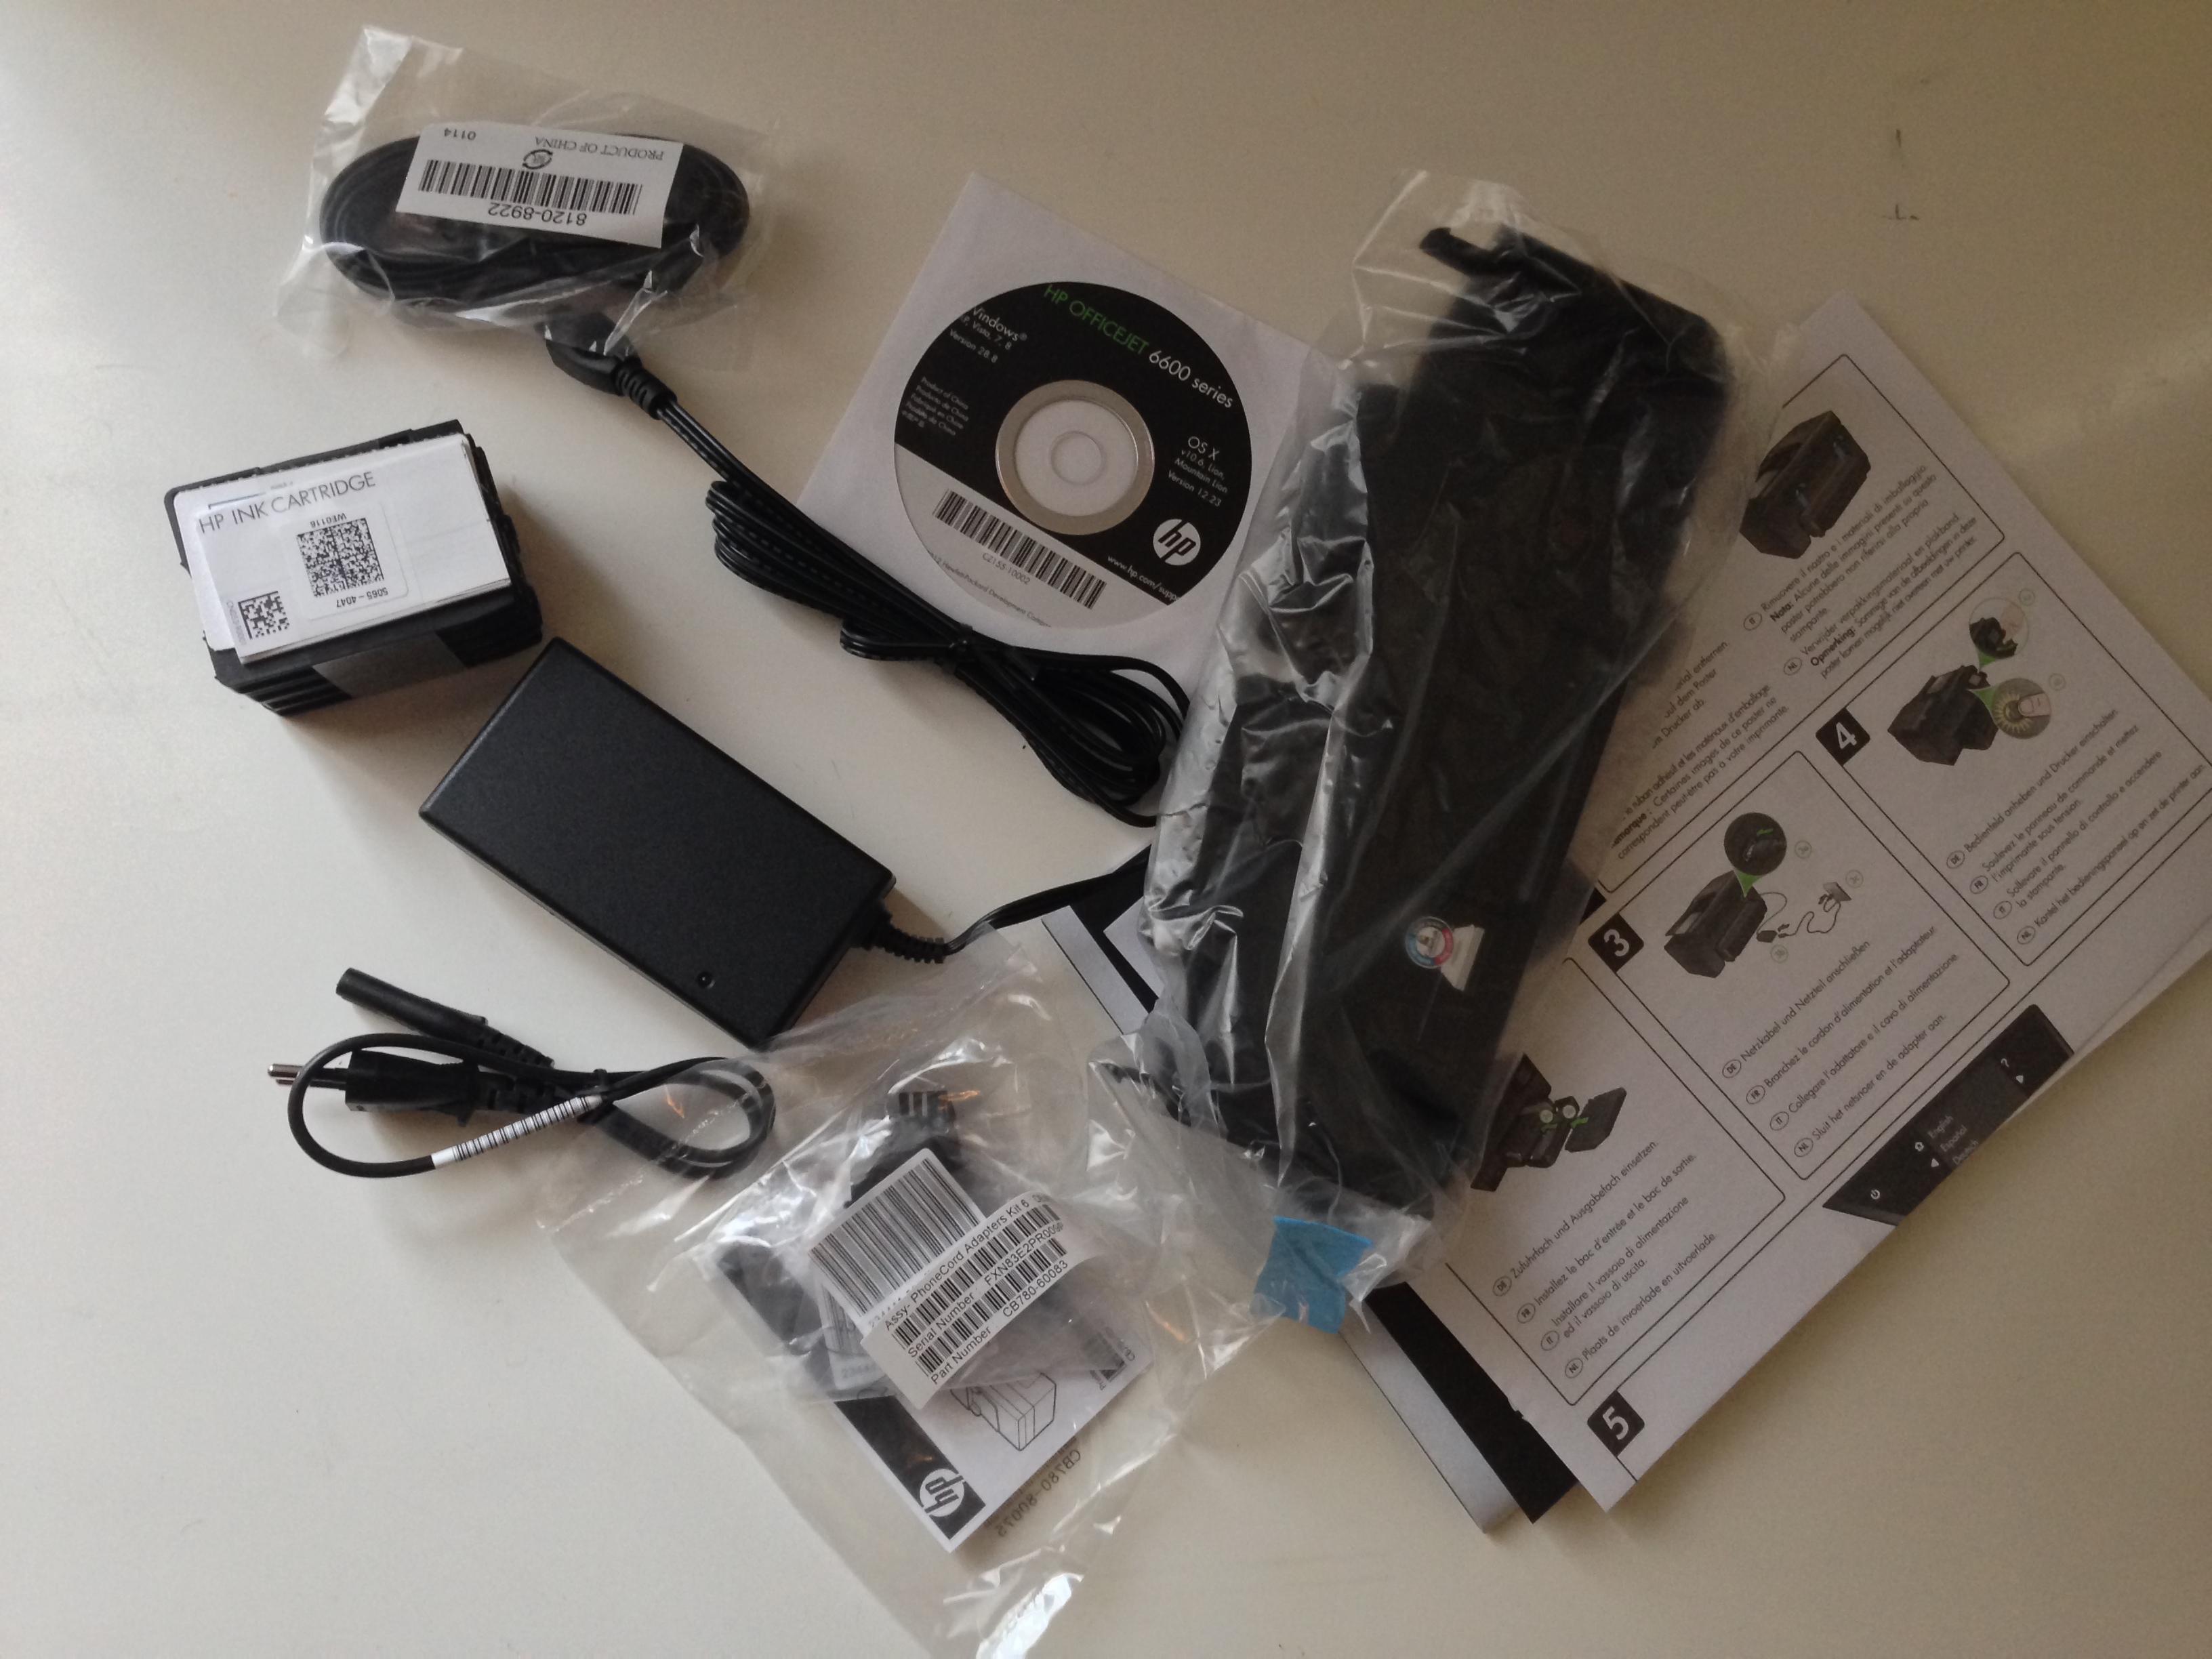 wireless drucker mit scanner und fax im review der test des hp officejet 6600 e all in one. Black Bedroom Furniture Sets. Home Design Ideas